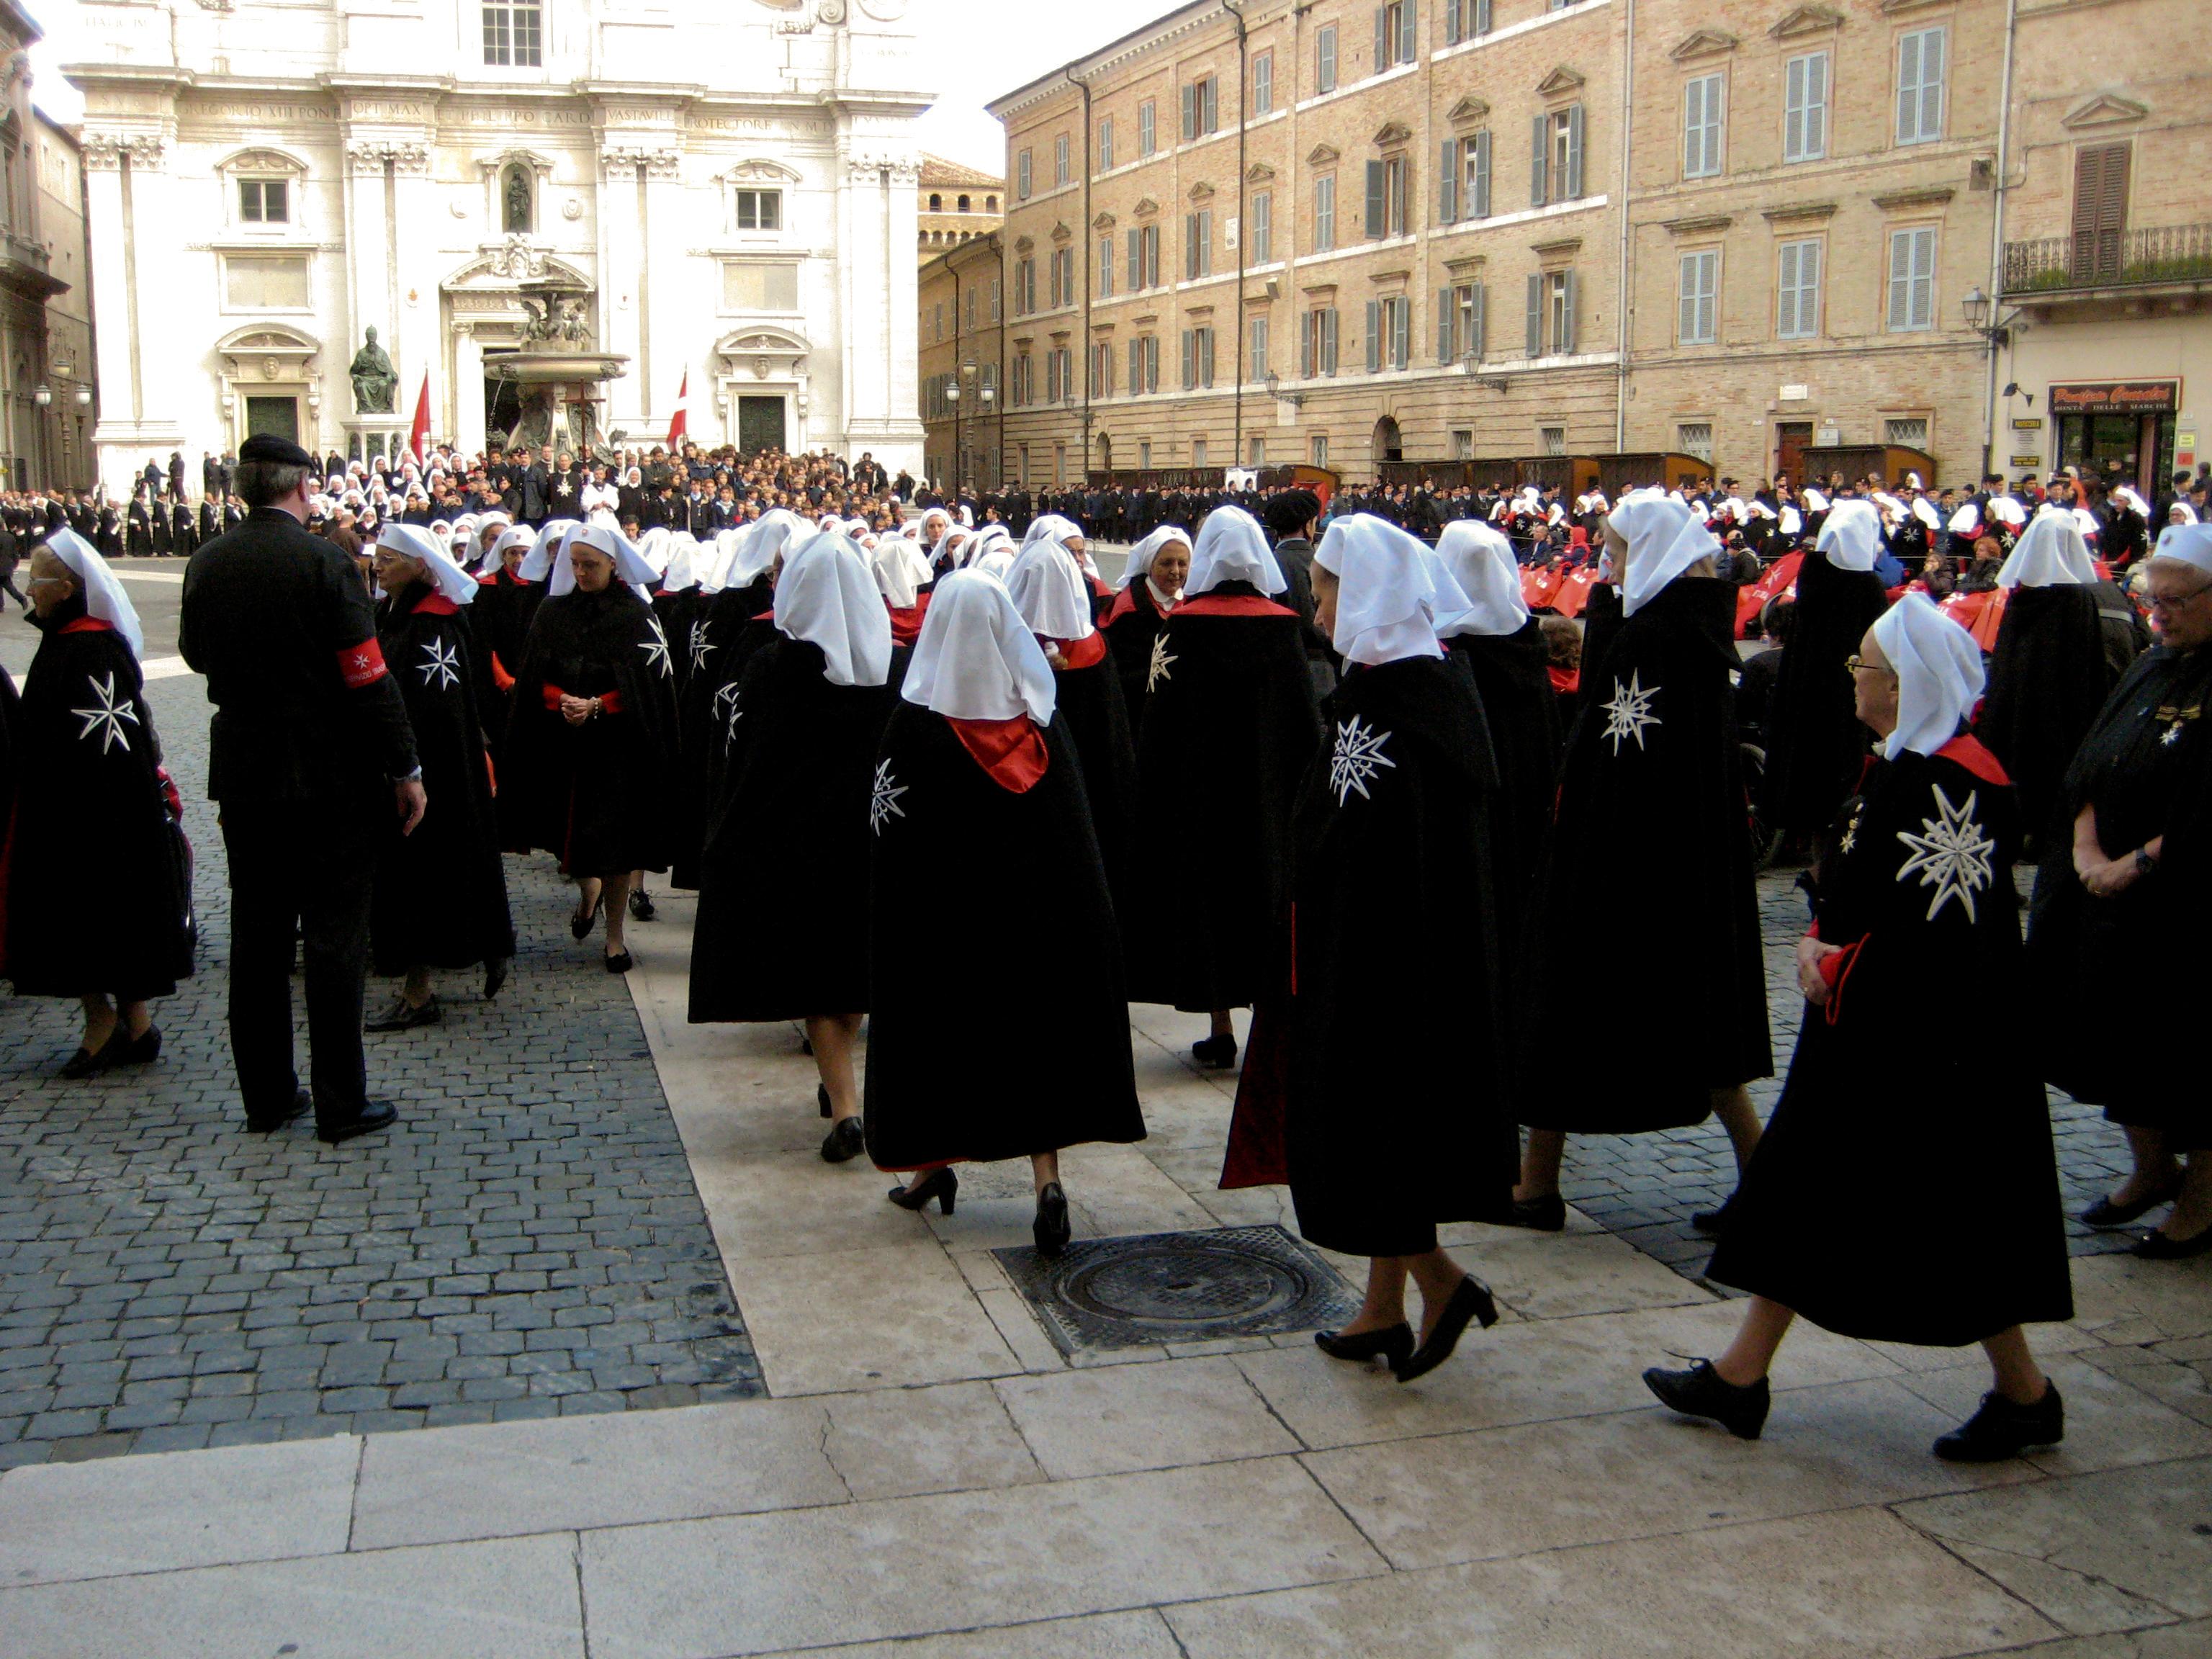 Pellegrinaggio_a_Loreto_2009_-_SMOM